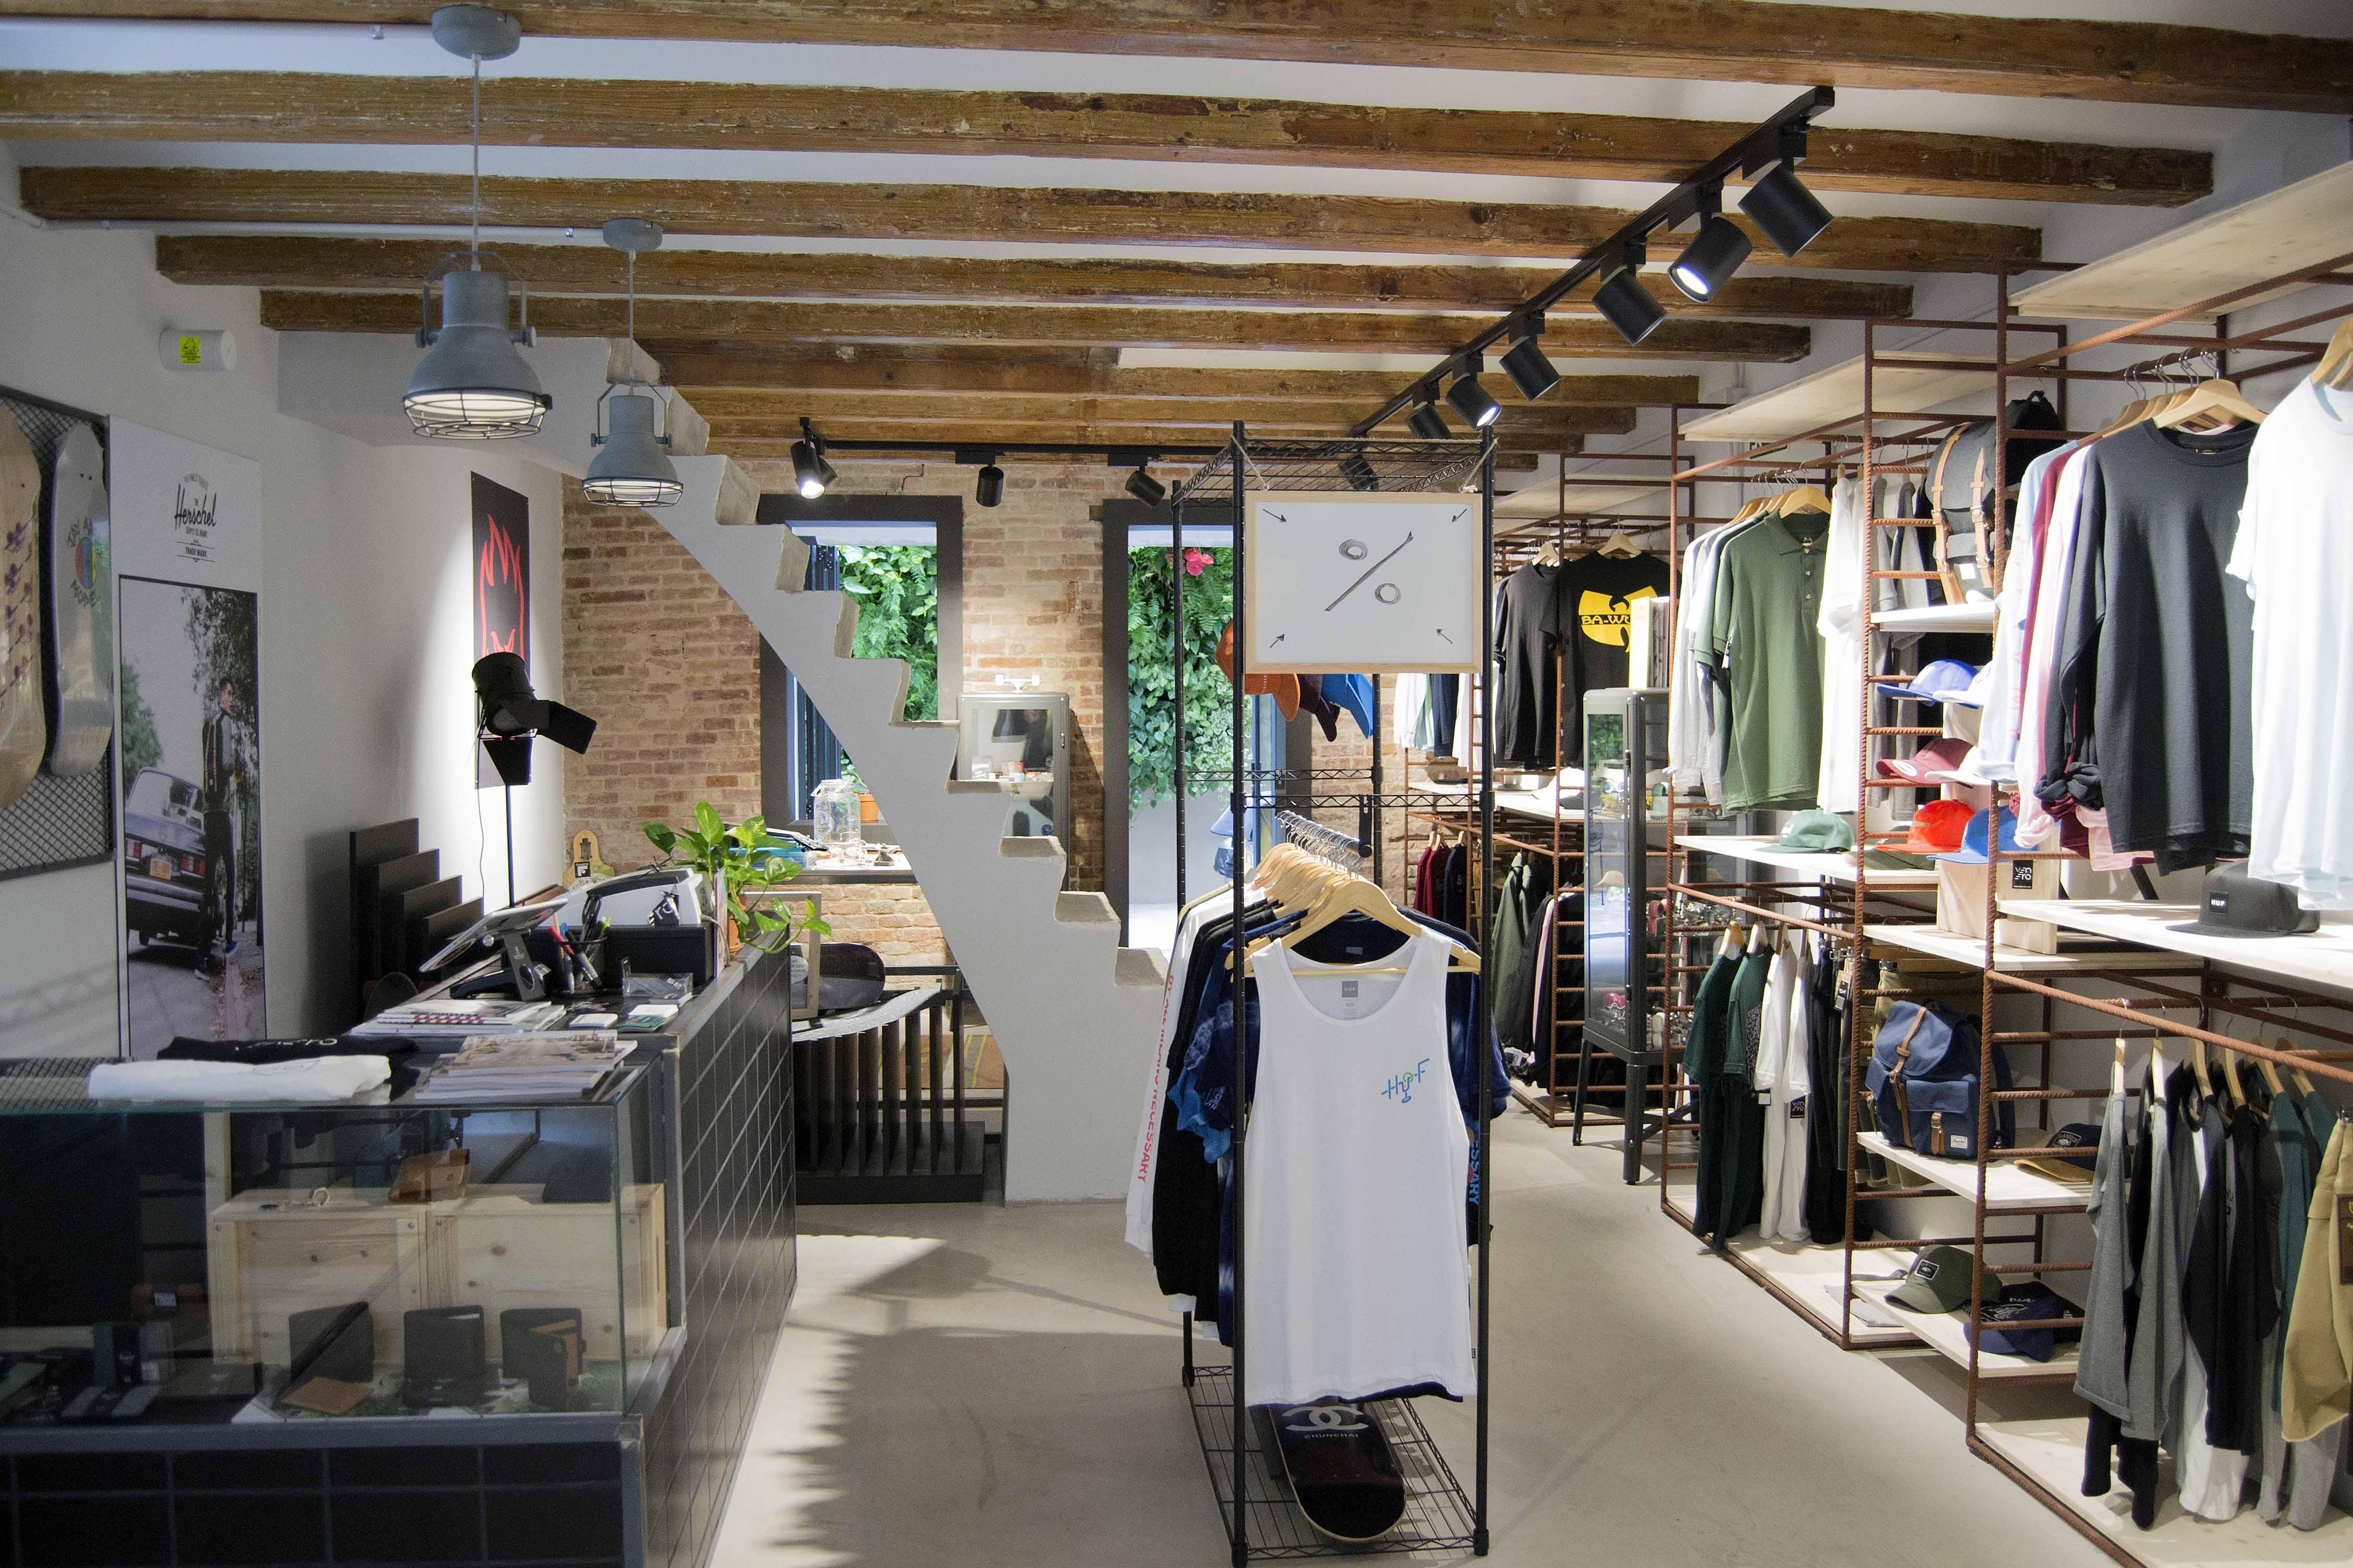 Venero BCN interior tienda